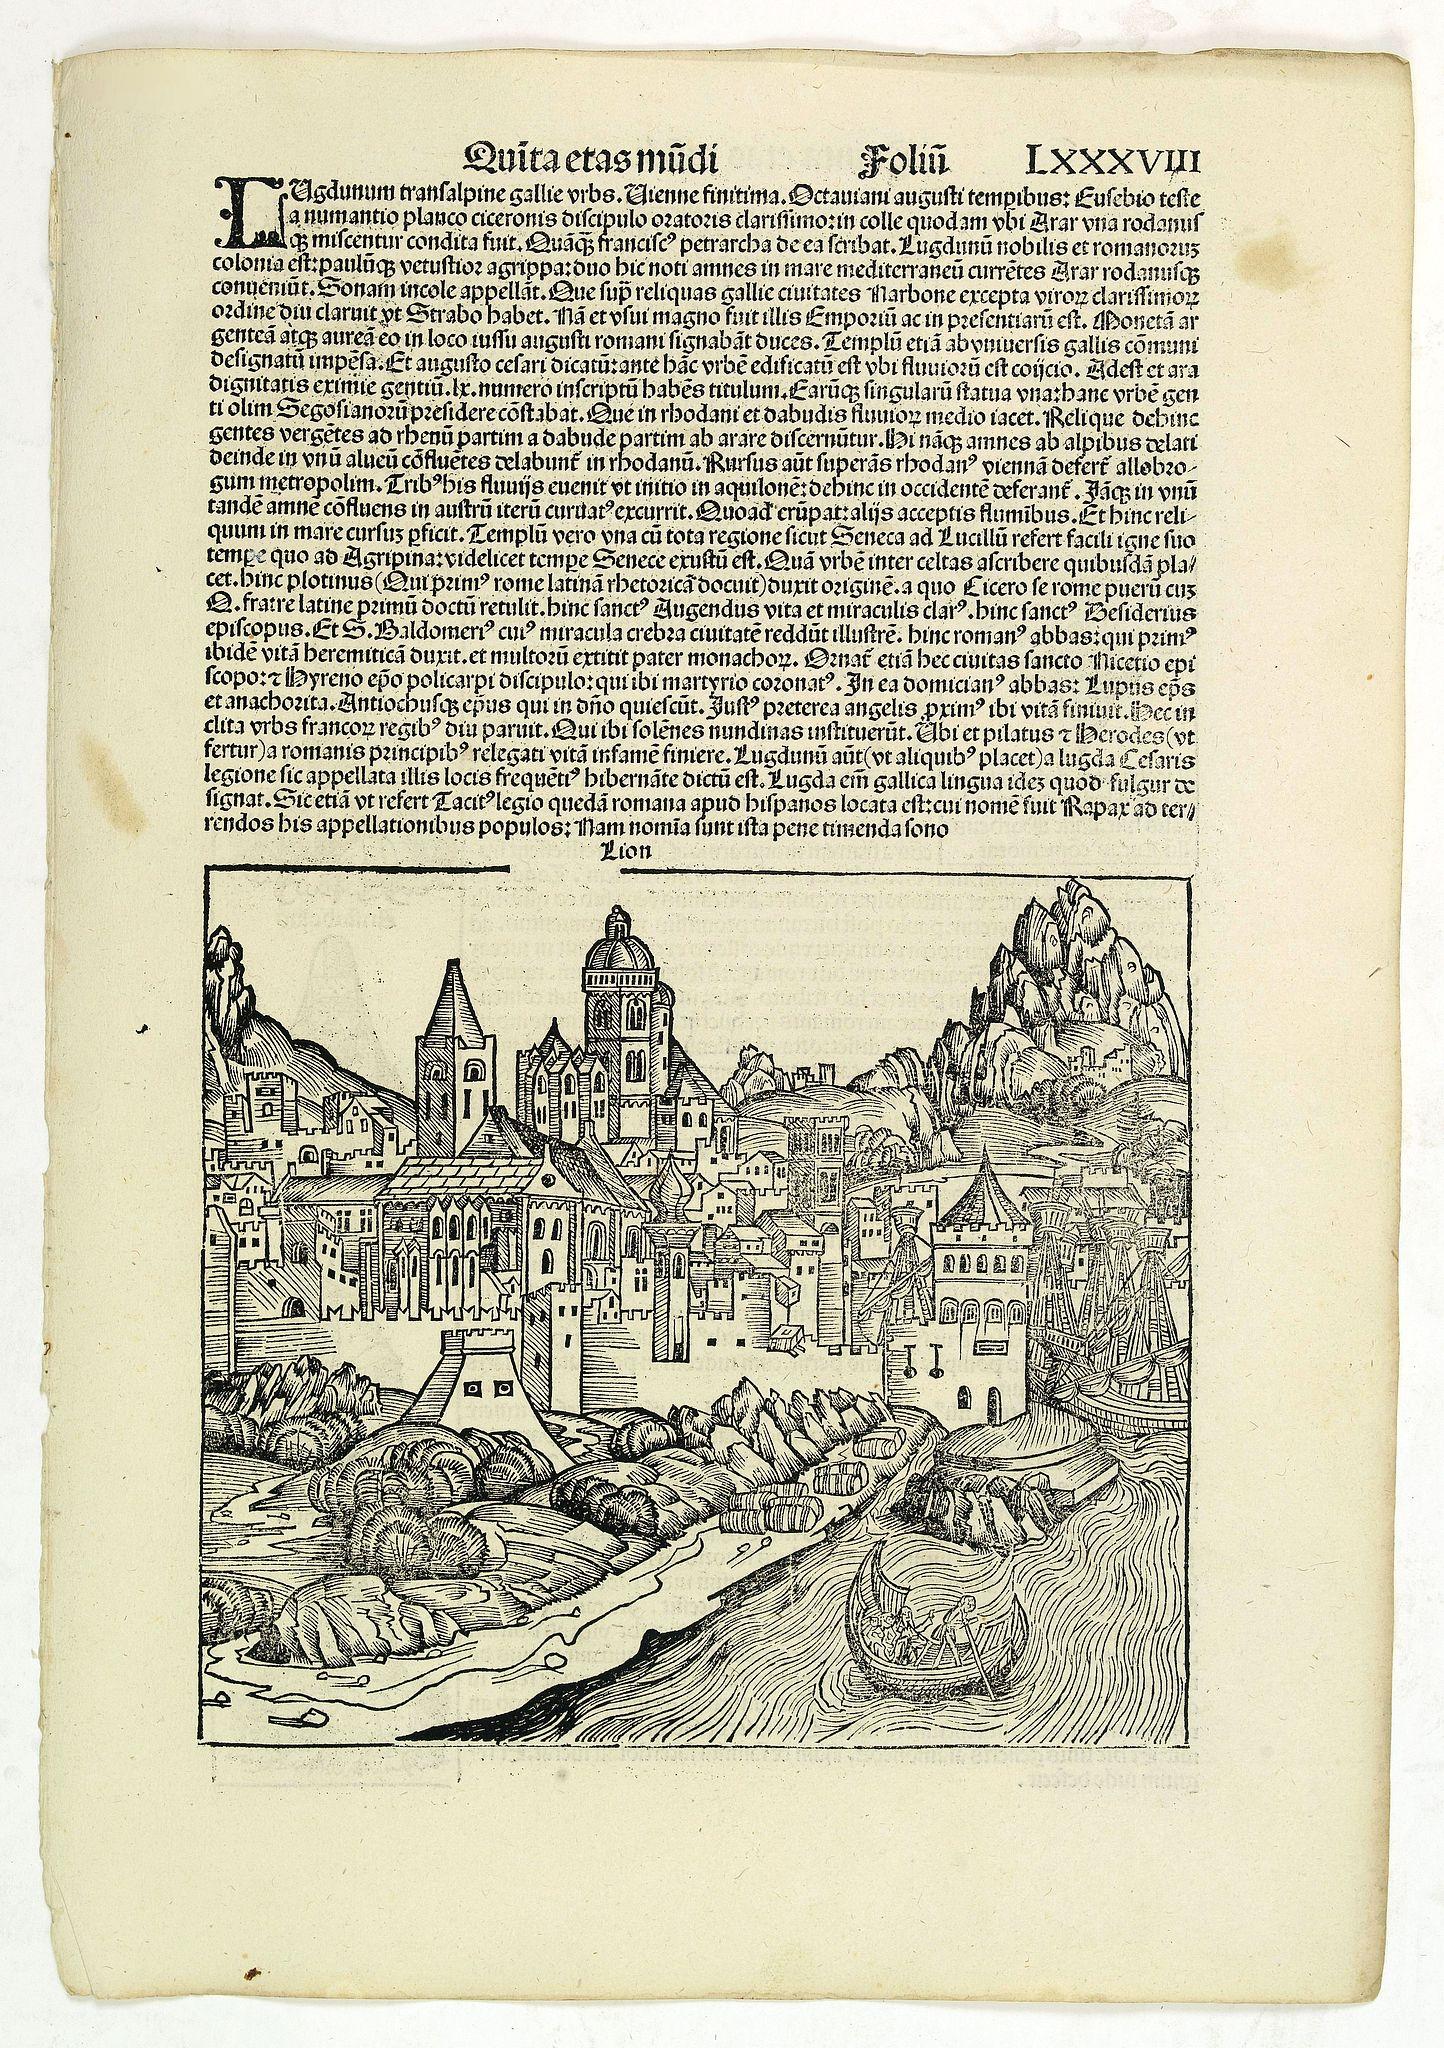 SCHEDEL, H. -  Quita Etas Mundi. Folium.LXXXVIII